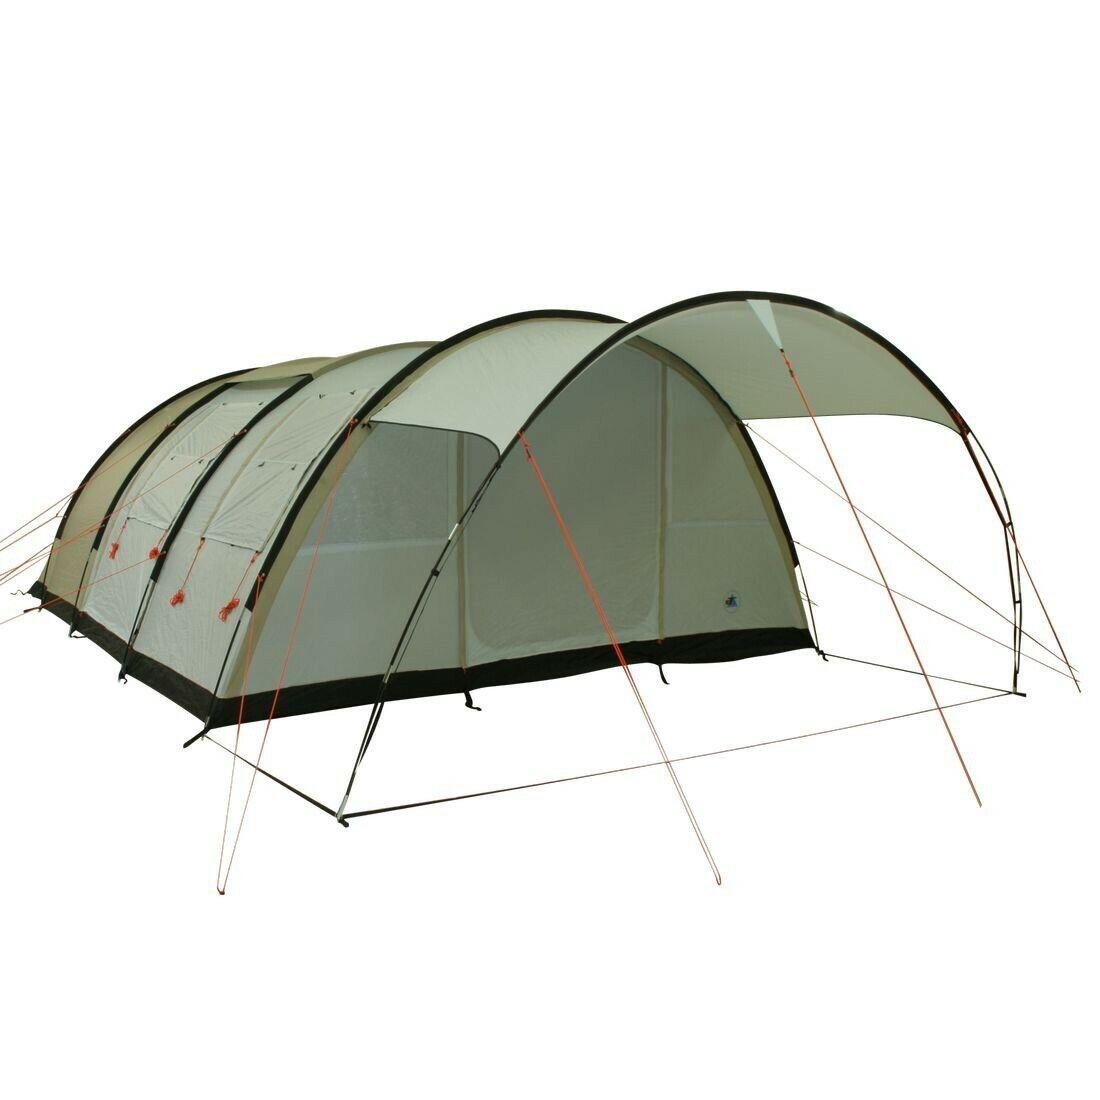 Leighton 6 pers. Tenda famiglia 5000mm Tenda tunnel impermeabile Tenda campeggio